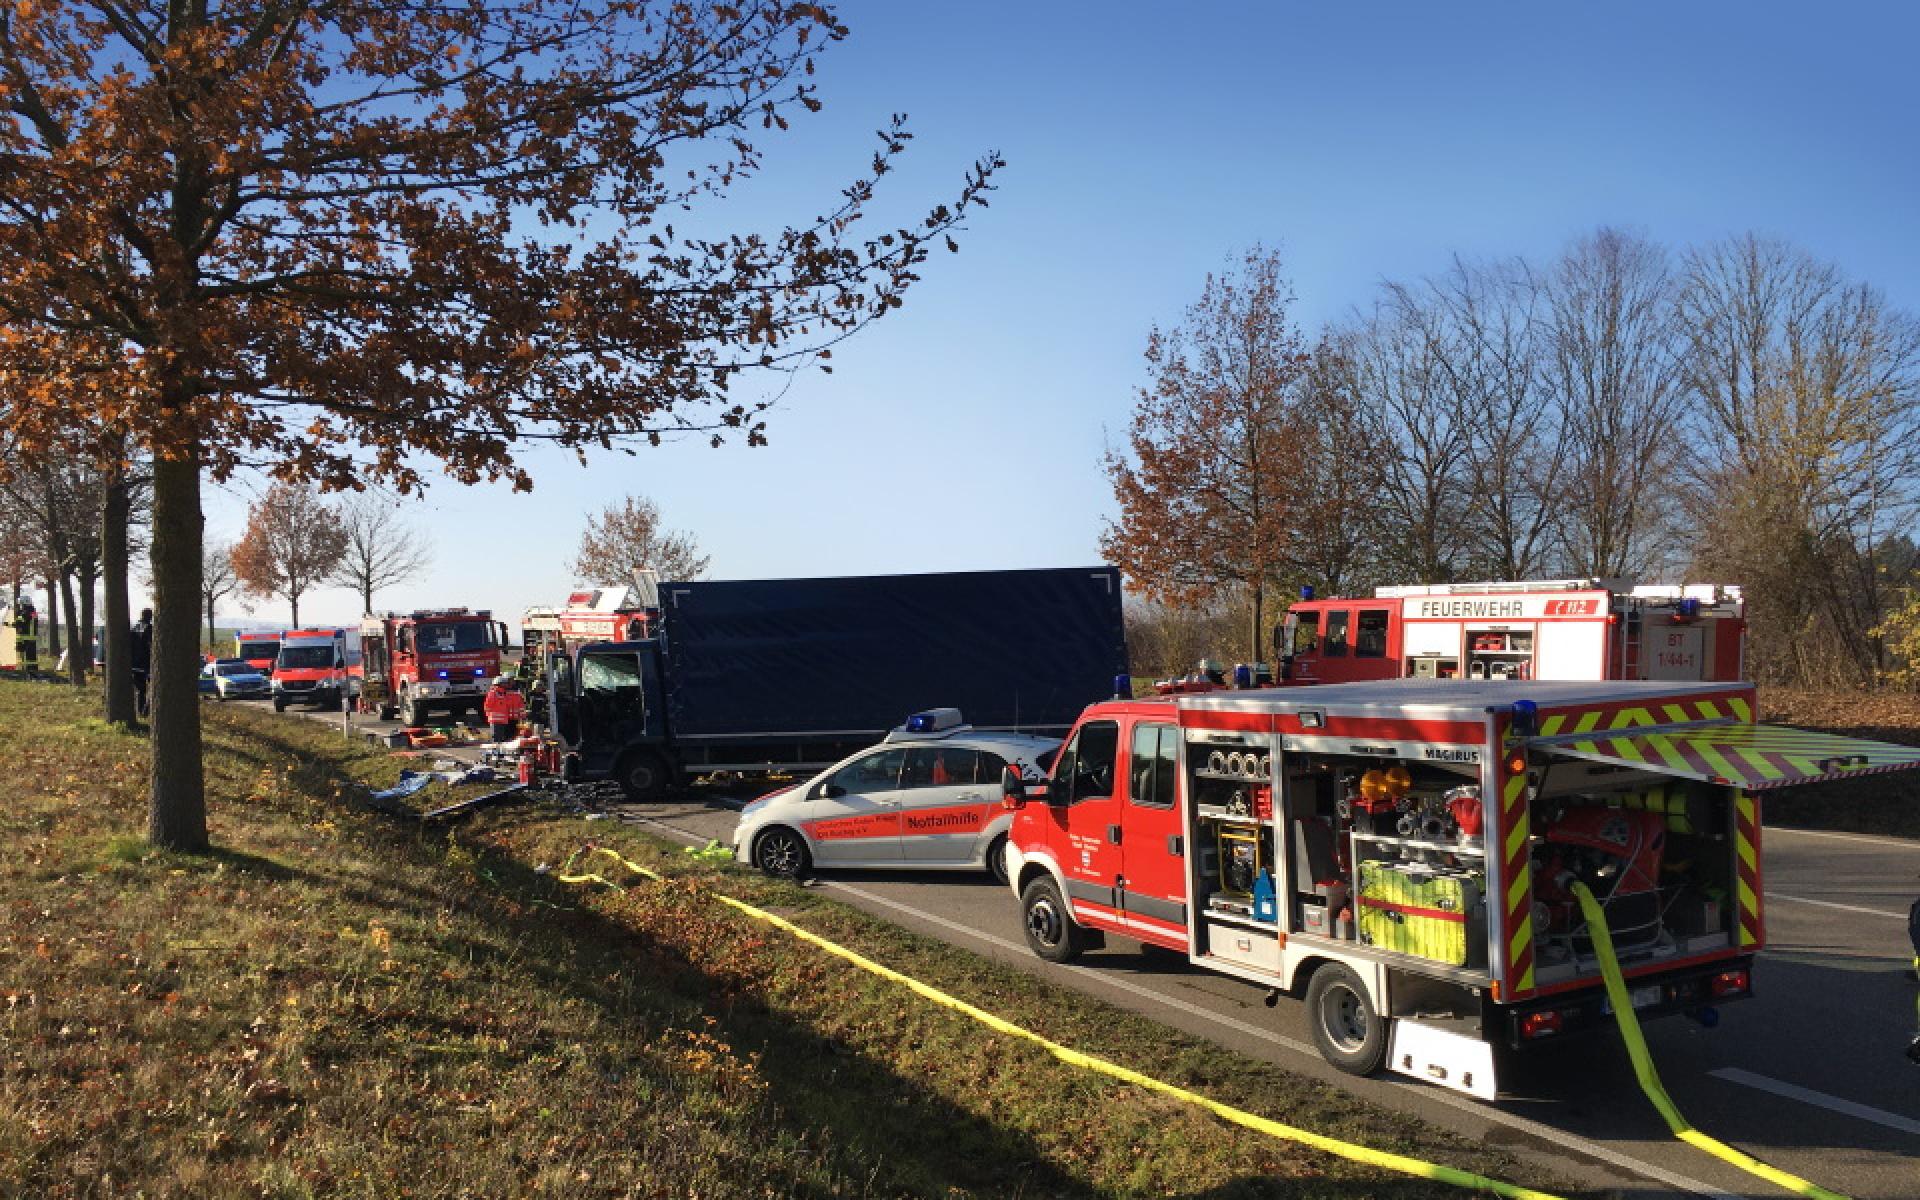 Bei einem Verkehrsunfall gibt es mehrere Schwerverletzte, die schnelle medizinische Hilfe benötigen.